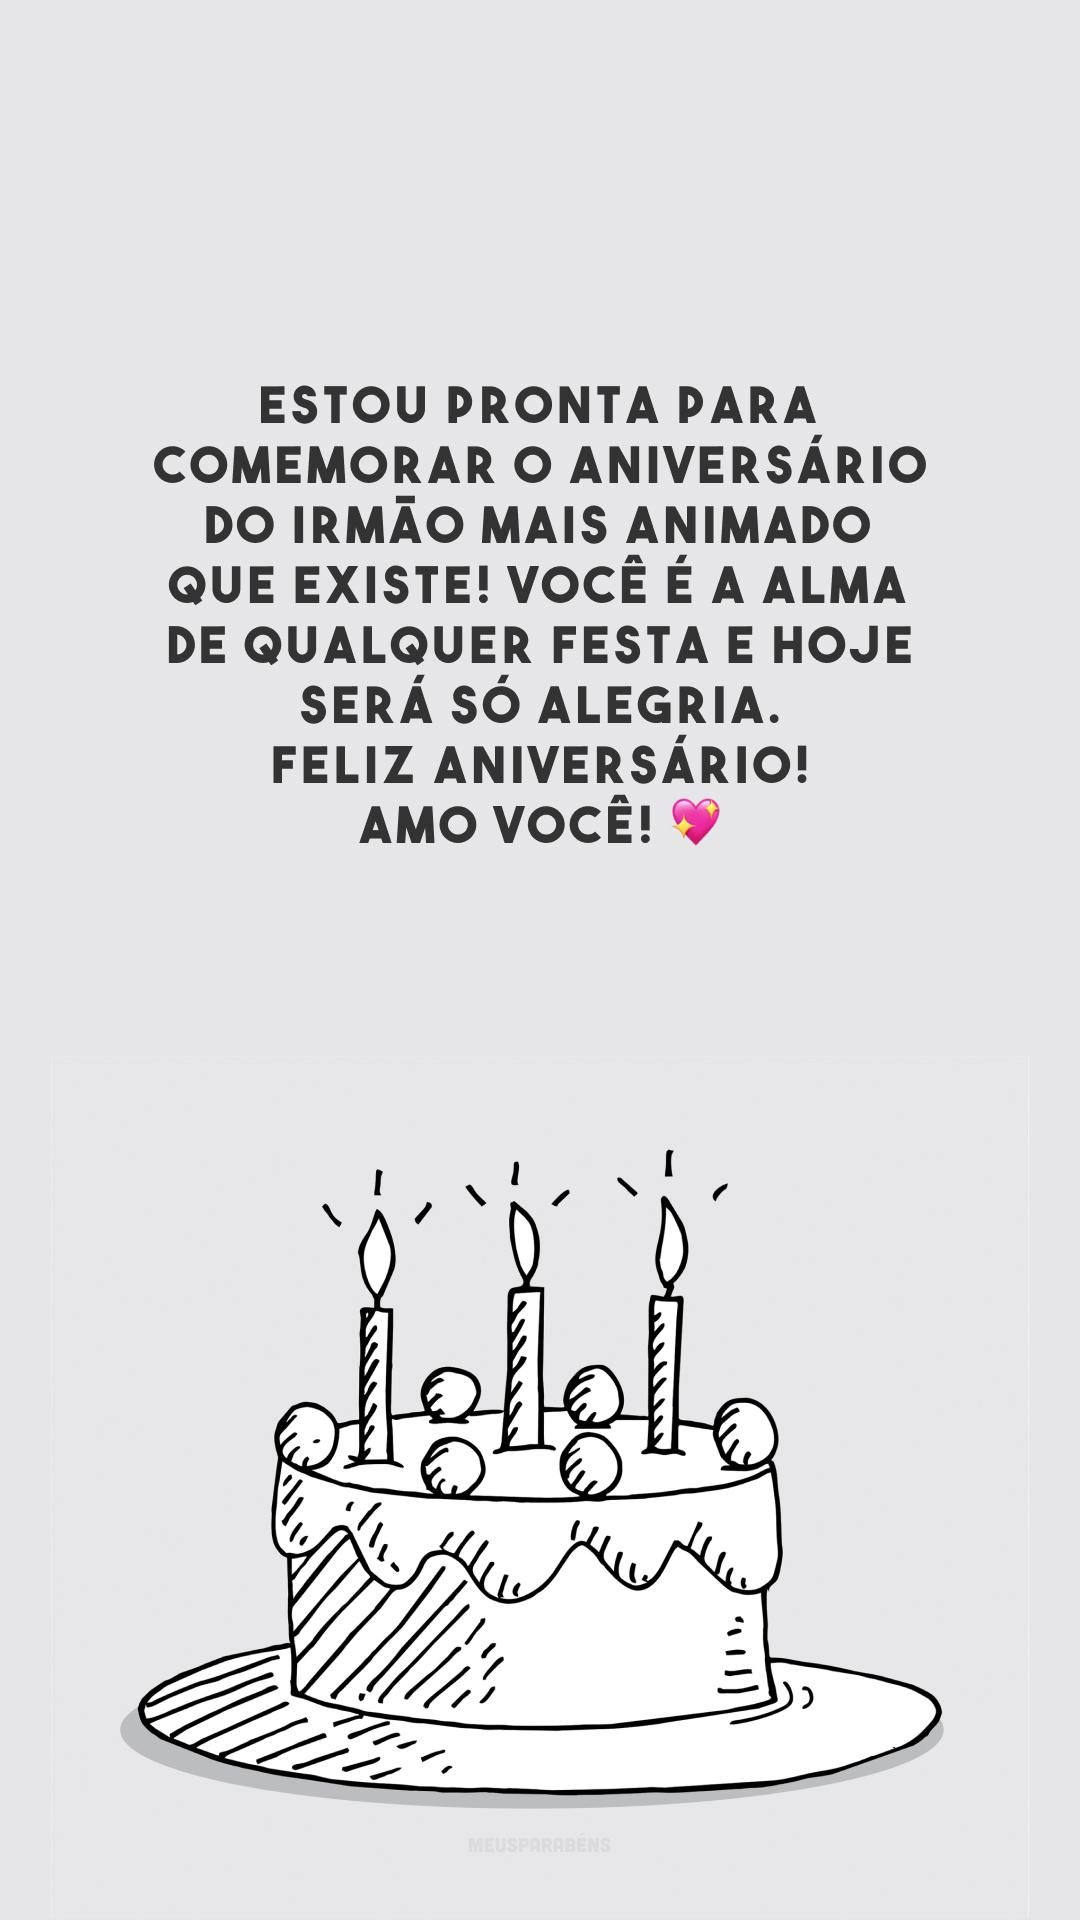 Estou pronta para comemorar o aniversário do irmão mais animado que existe! Você é a alma de qualquer festa e hoje será só alegria. Feliz aniversário! Amo você! 💖